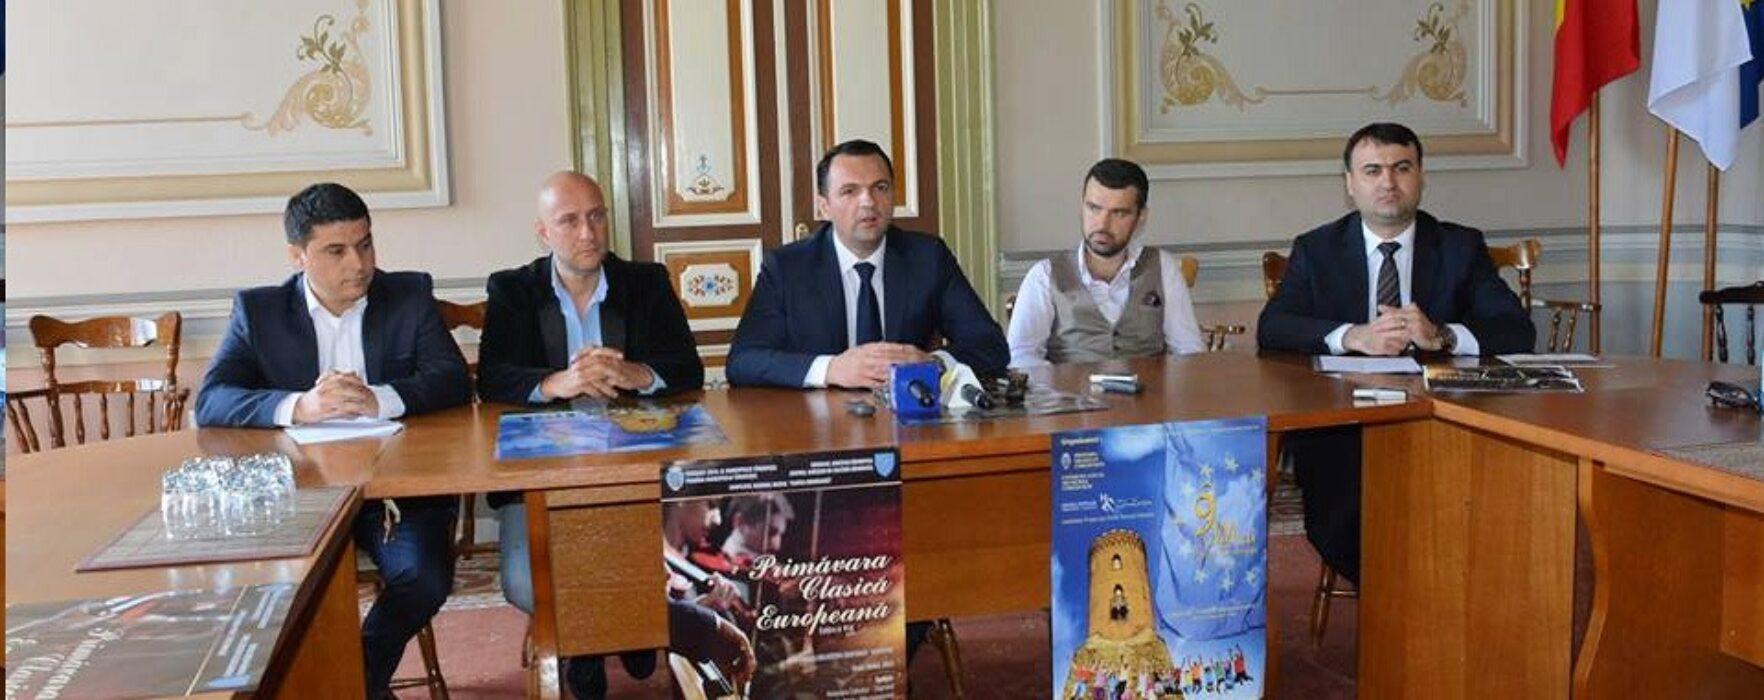 Concert de muzică clasică, de 9 mai, la Curtea Domnească Târgovişte